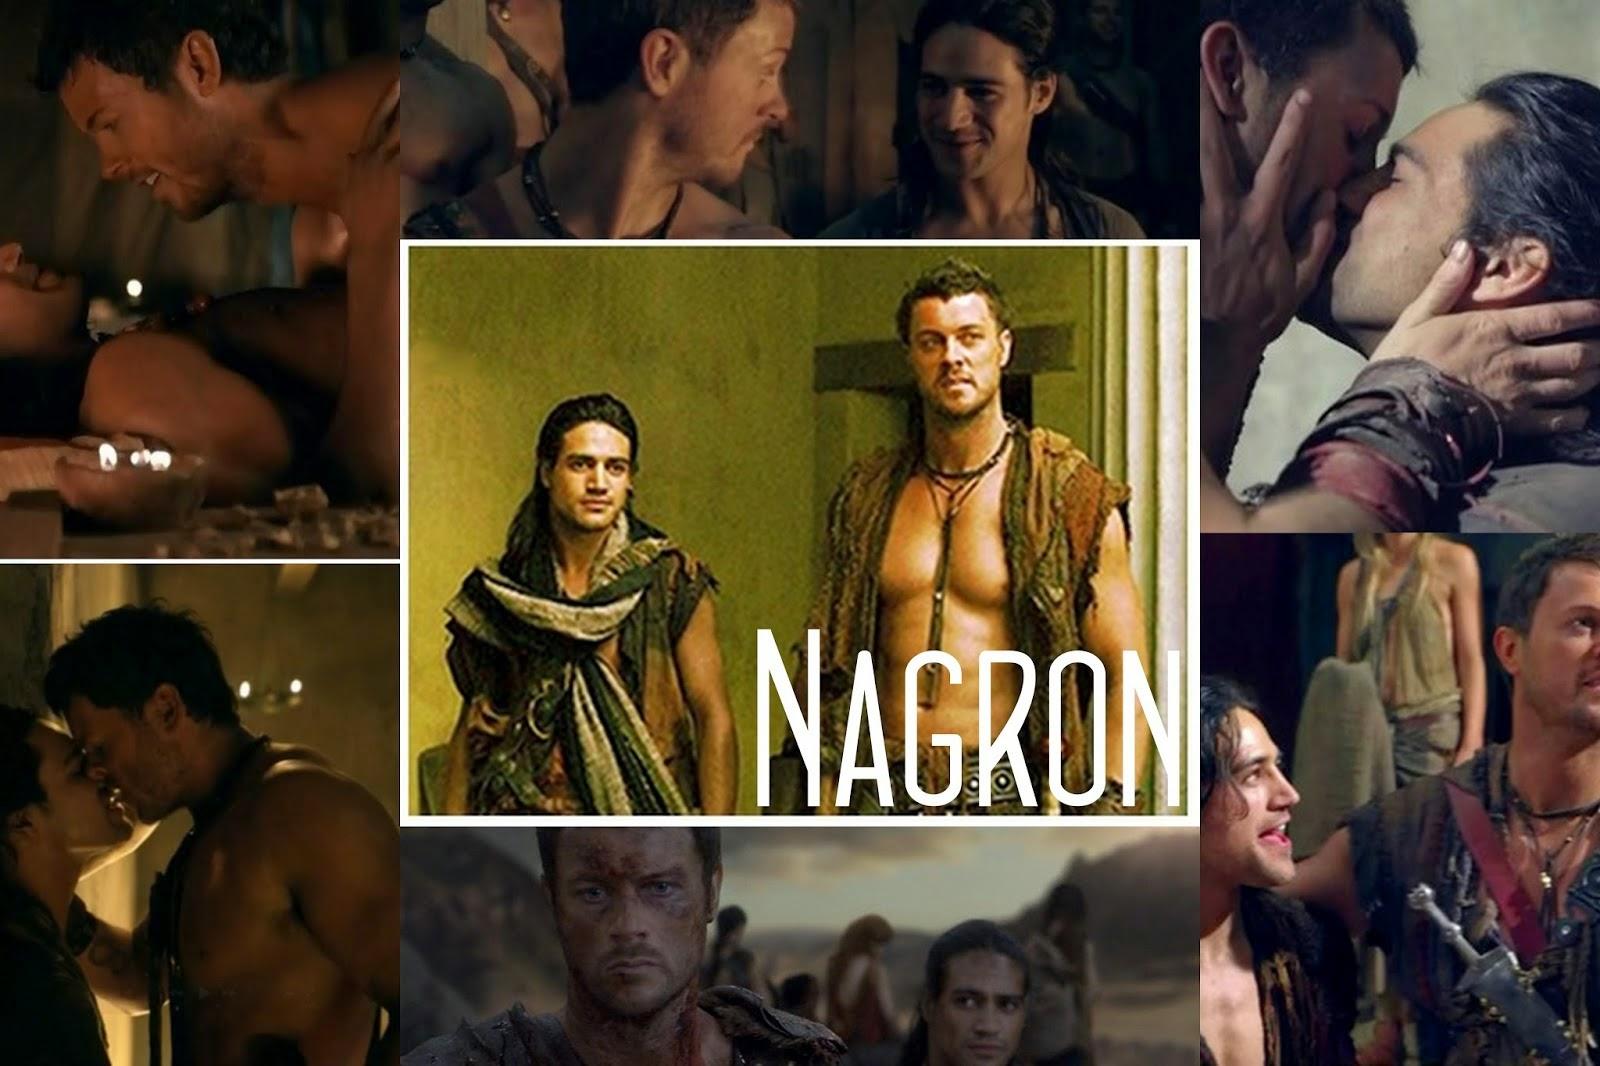 Nagron (Nasir és Agron)